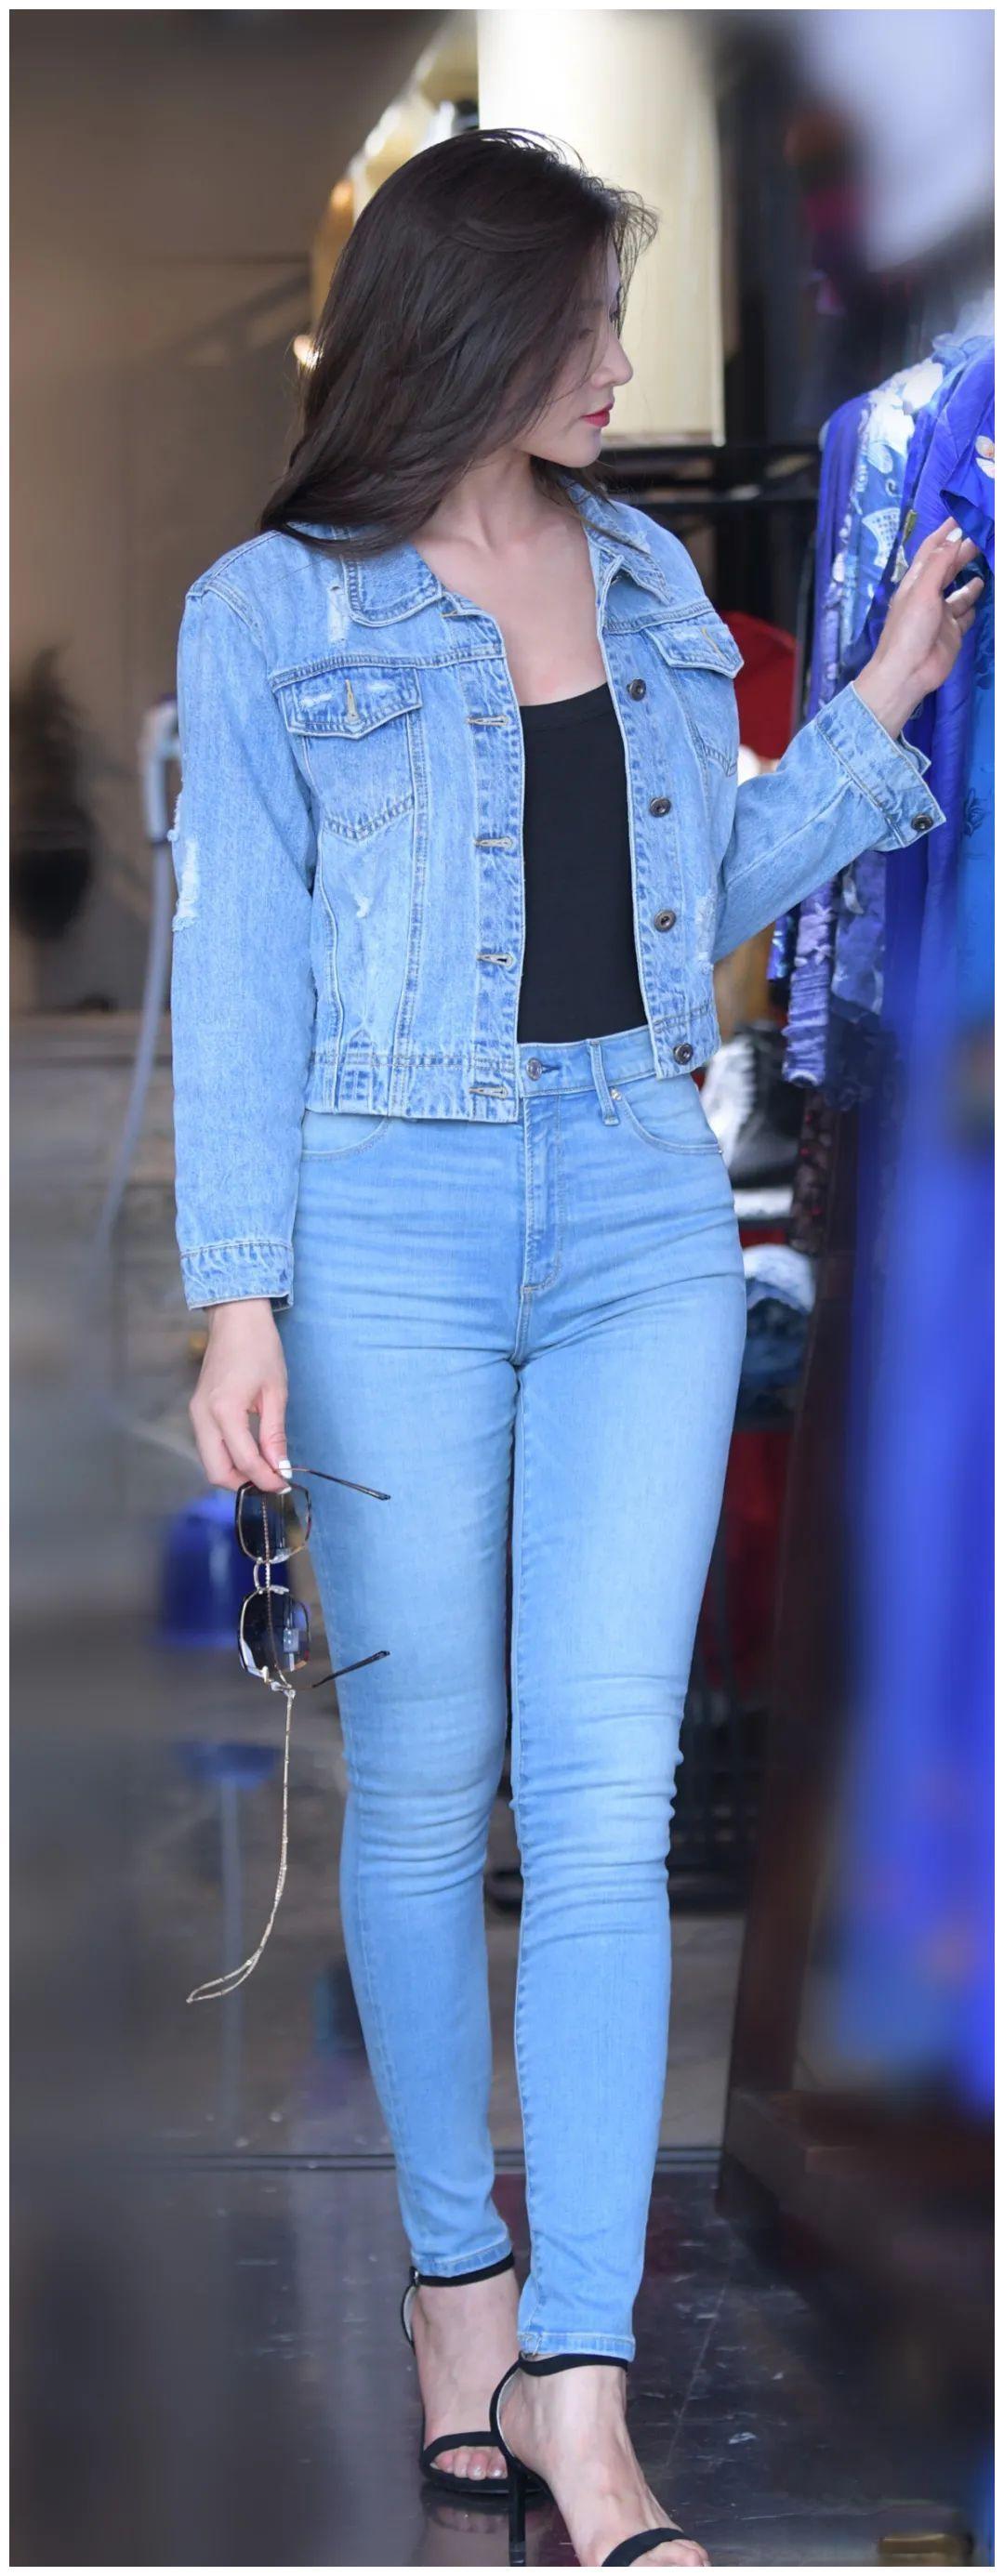 一件淡蓝色的紧身牛仔裤,大气简约,惹人喜爱